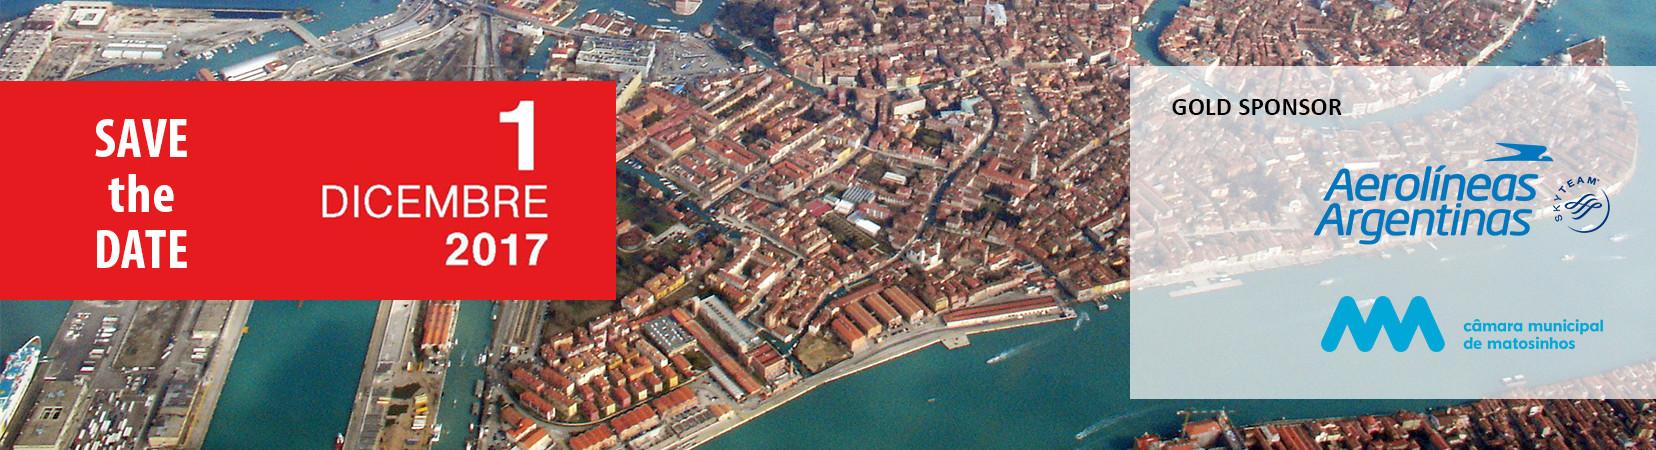 Seminario-PUERTOS-CIUDADES1-dic-Venecia-SAVE-THE-DATE-sponsor